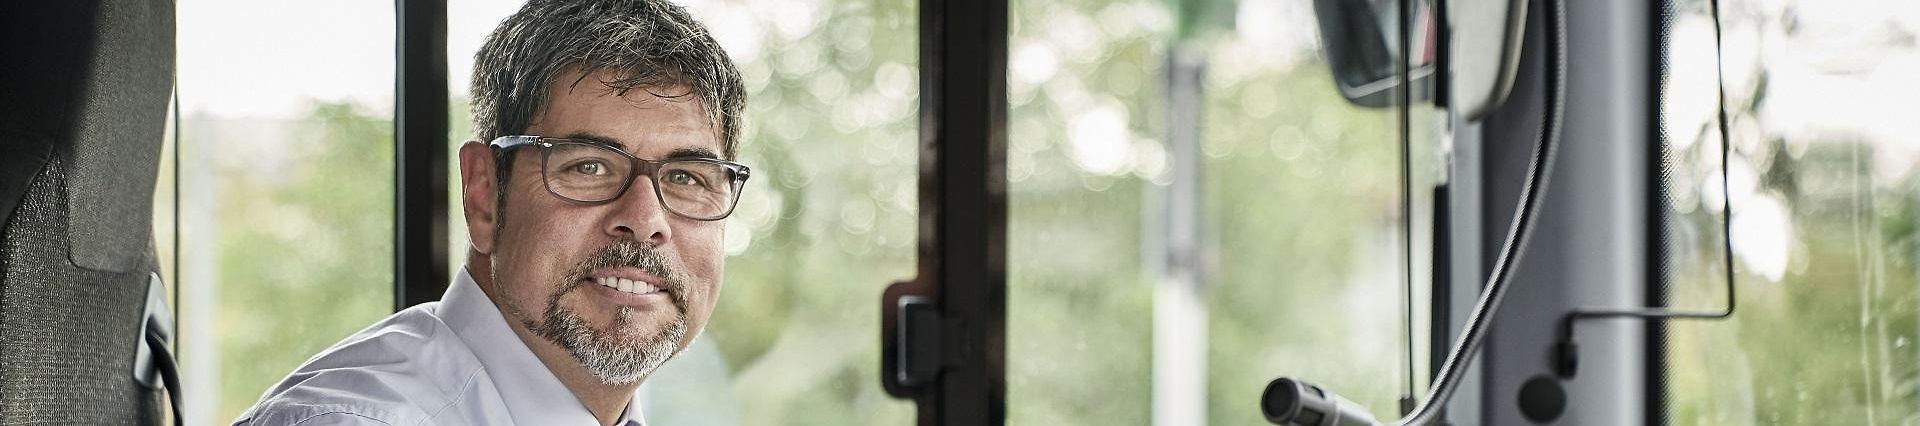 W073_Fachkraft_Busfahrer